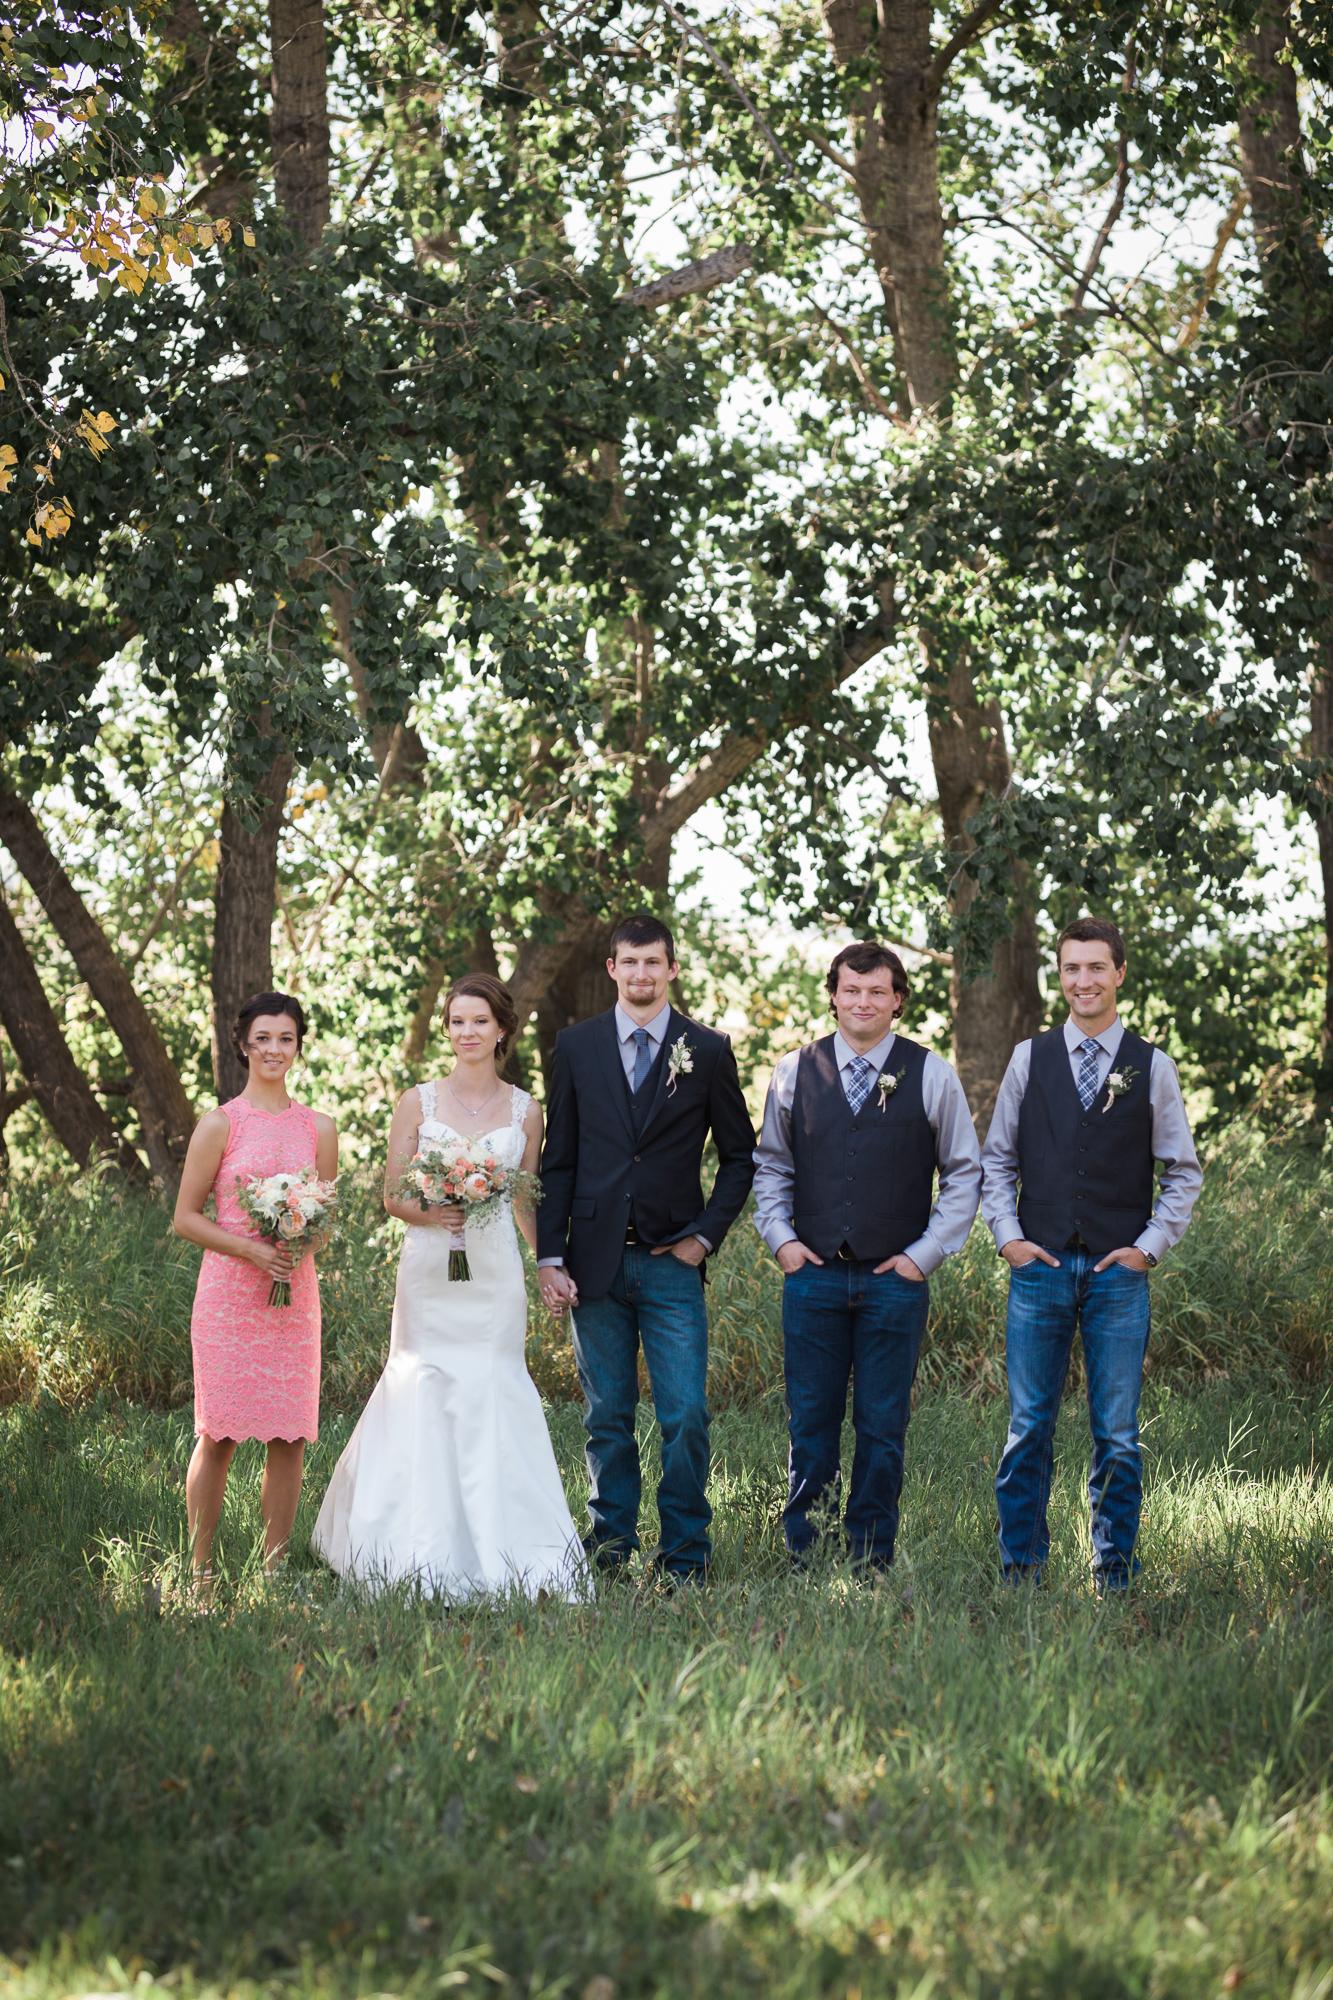 Deanna-Rachel-Photography-calgary-Wedding-photographer-jm-35.jpg